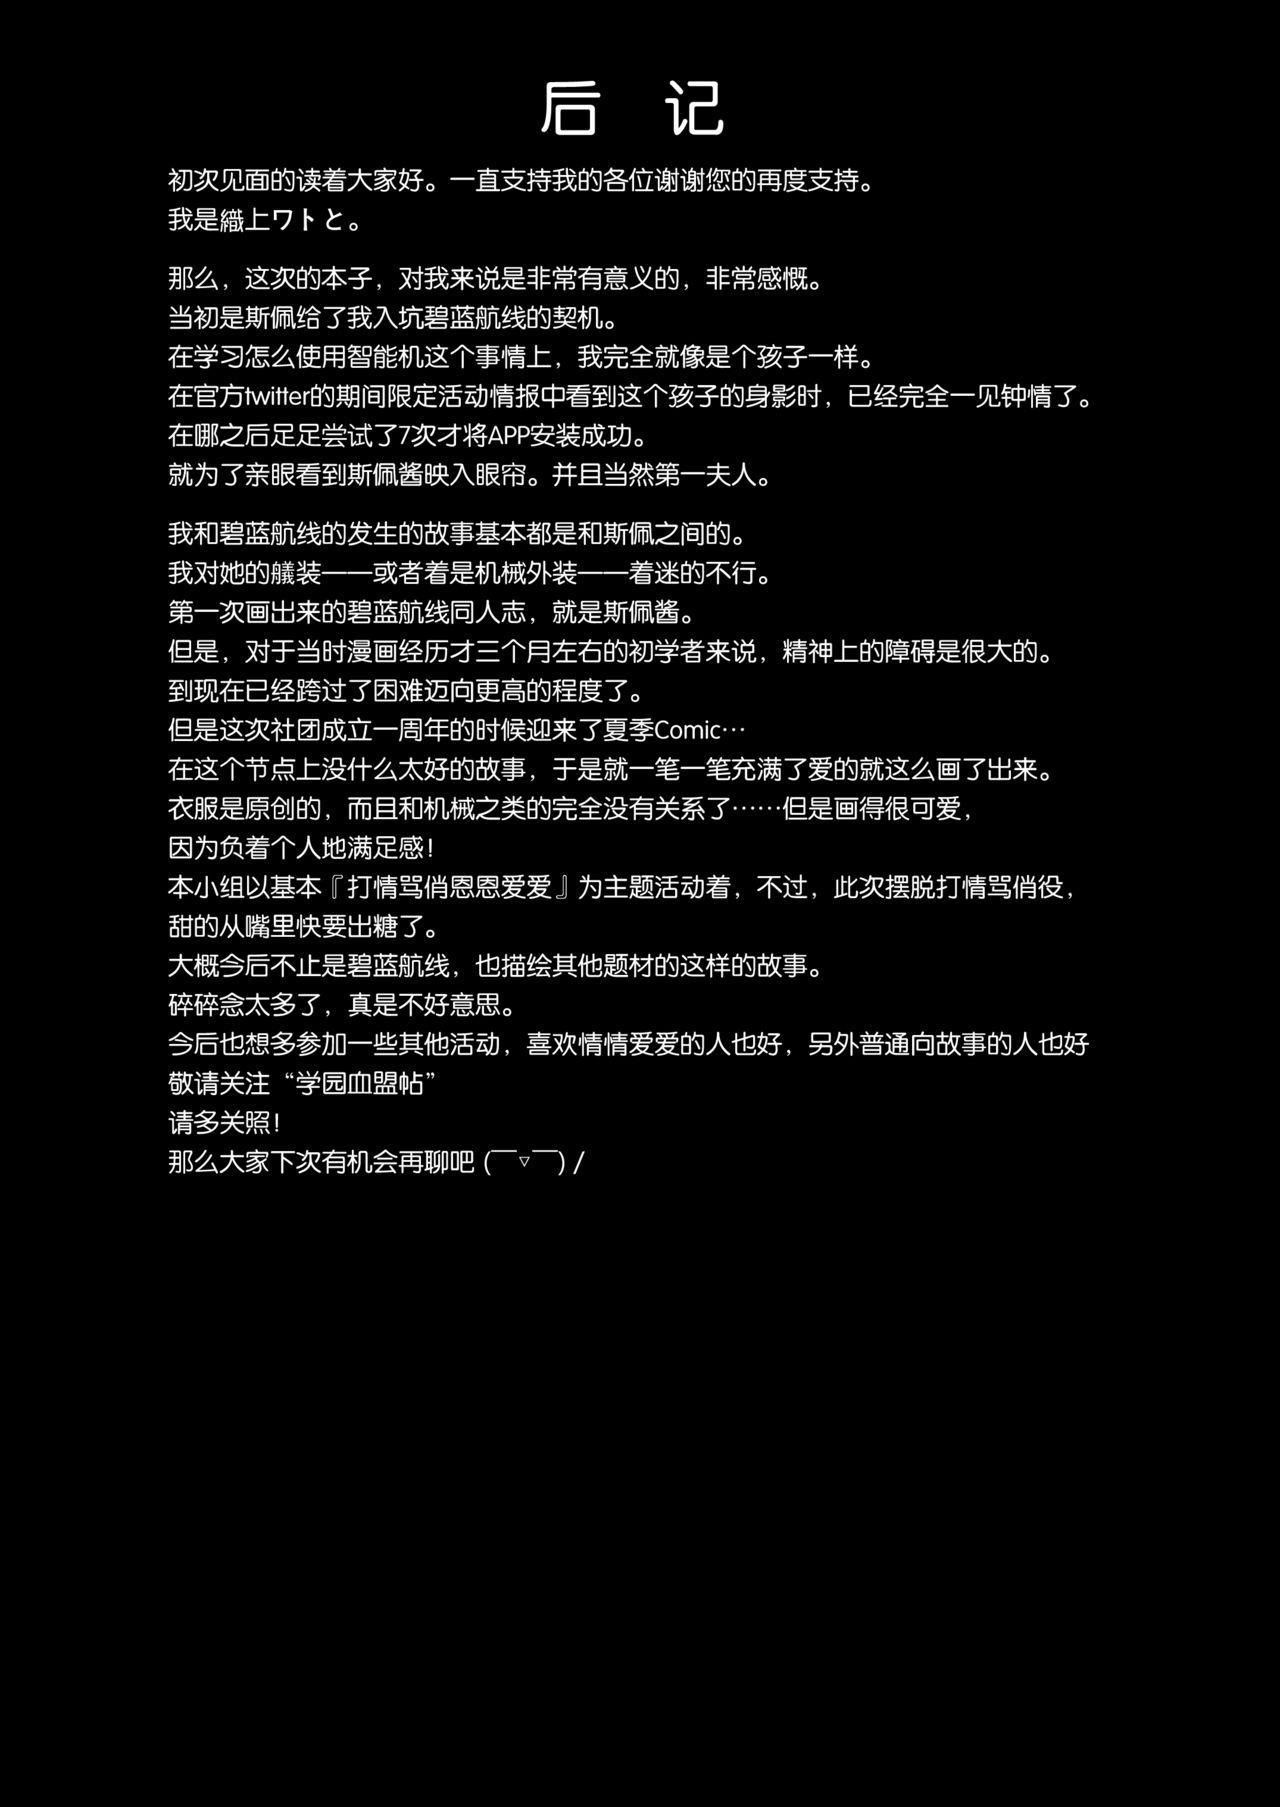 Afureru Kurai, Kimi ga Suki. 37